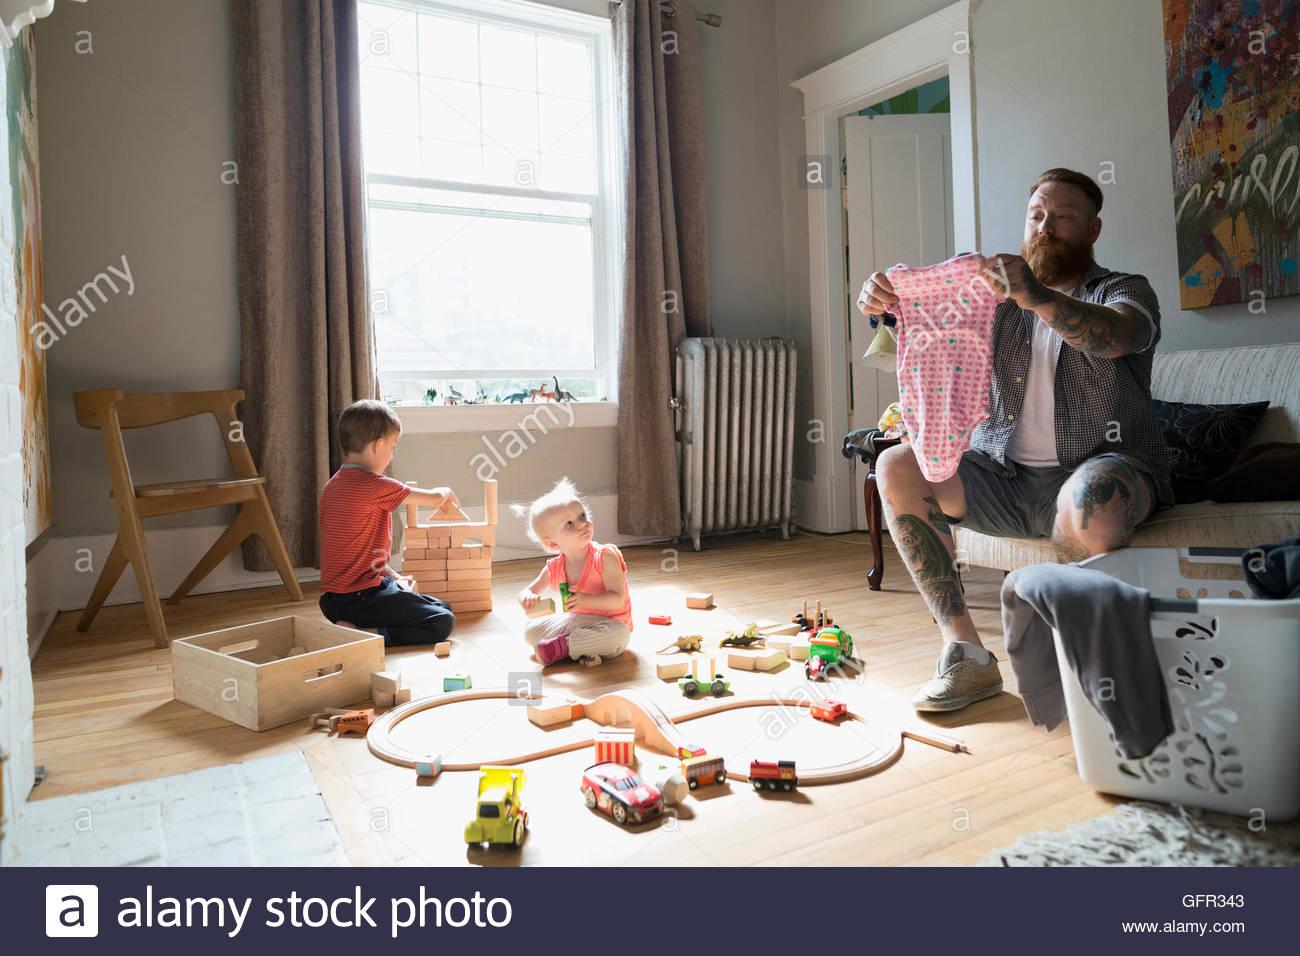 Vater, die Falten von Wäsche in der Nähe von Kinder spielen mit Spielzeugeisenbahn und Holzpflaster Stockbild